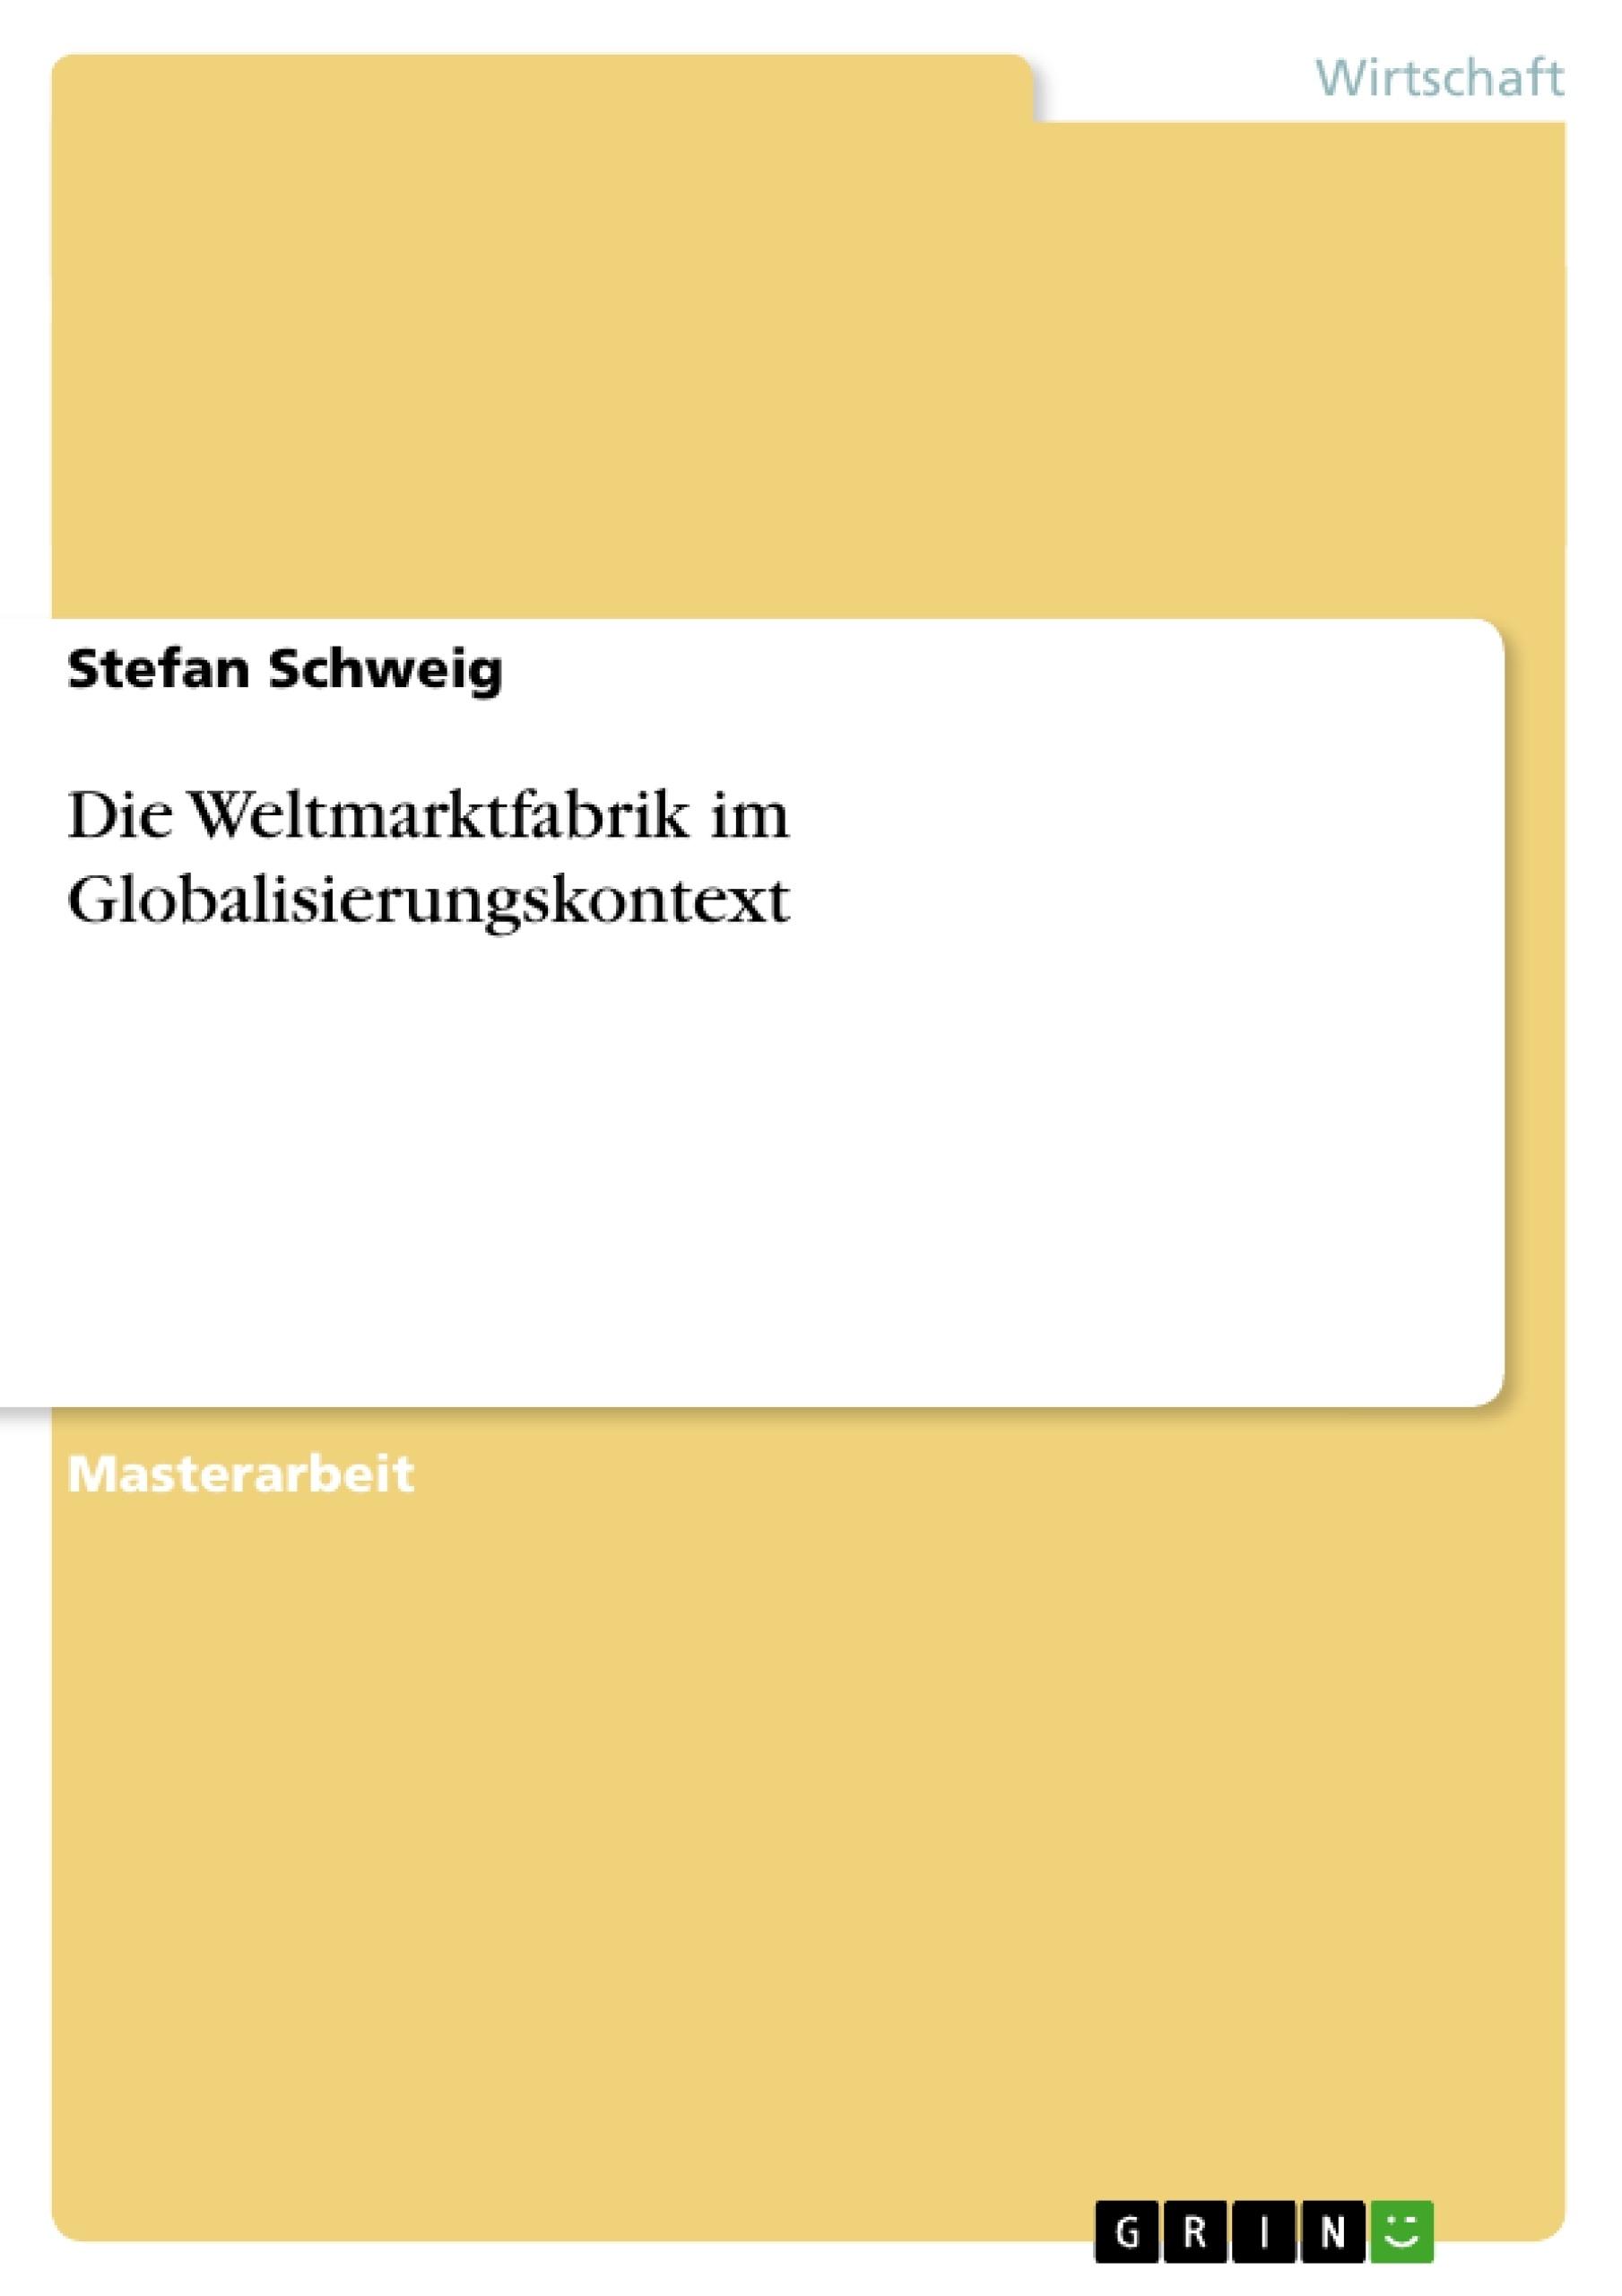 Titel: Die Weltmarktfabrik im Globalisierungskontext